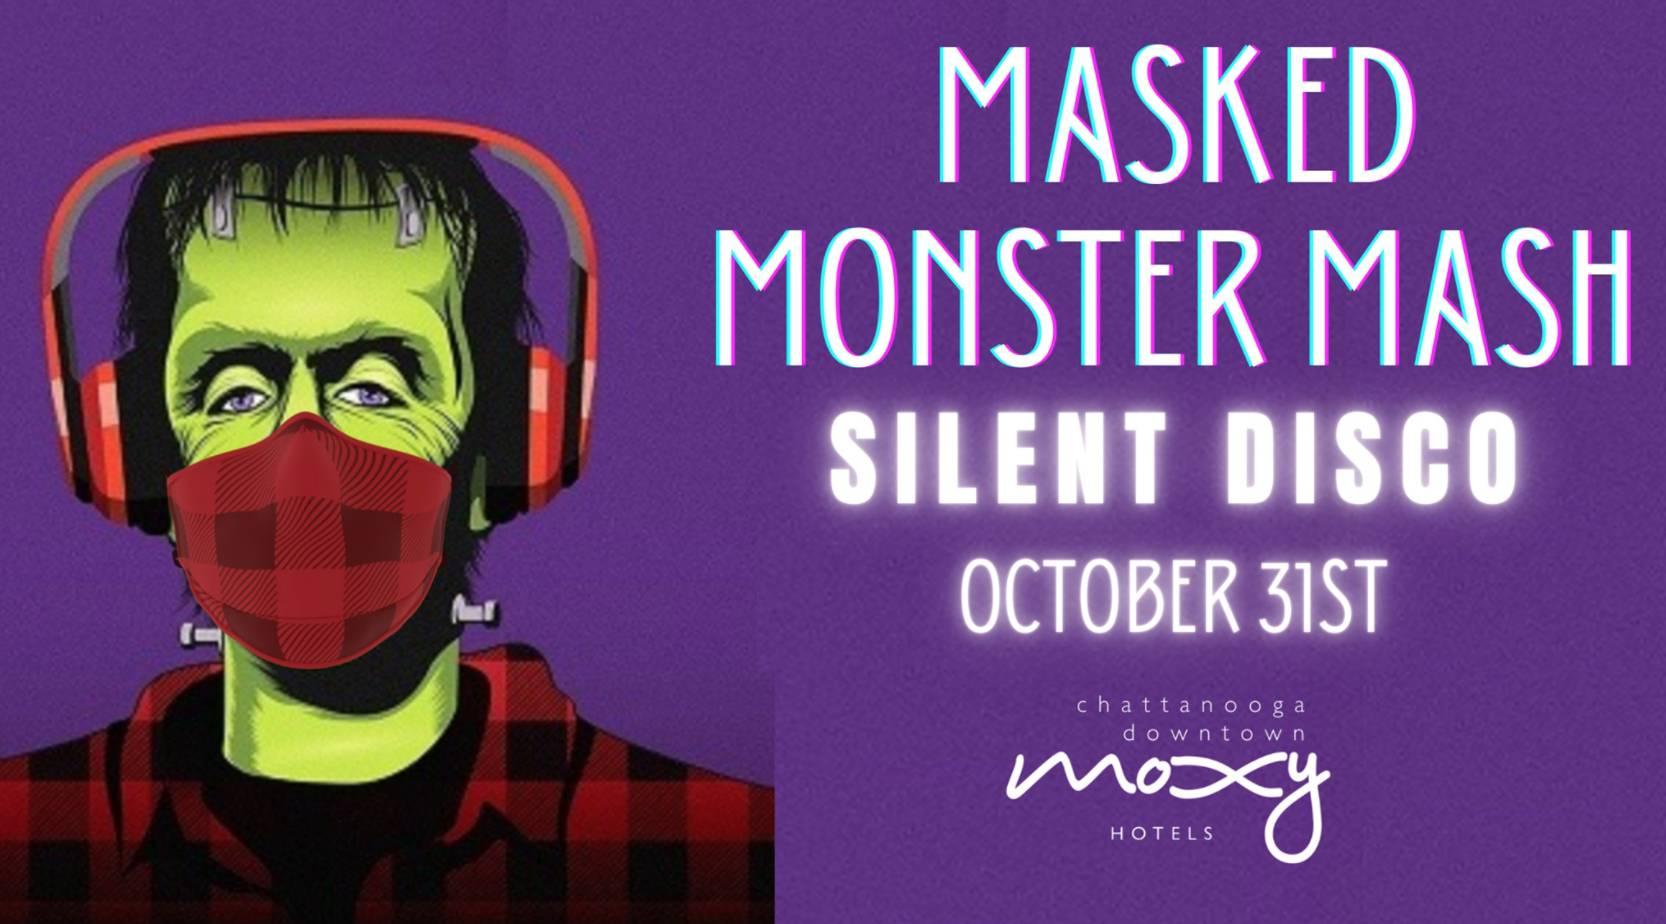 Masked Monster Mash Silent Disco